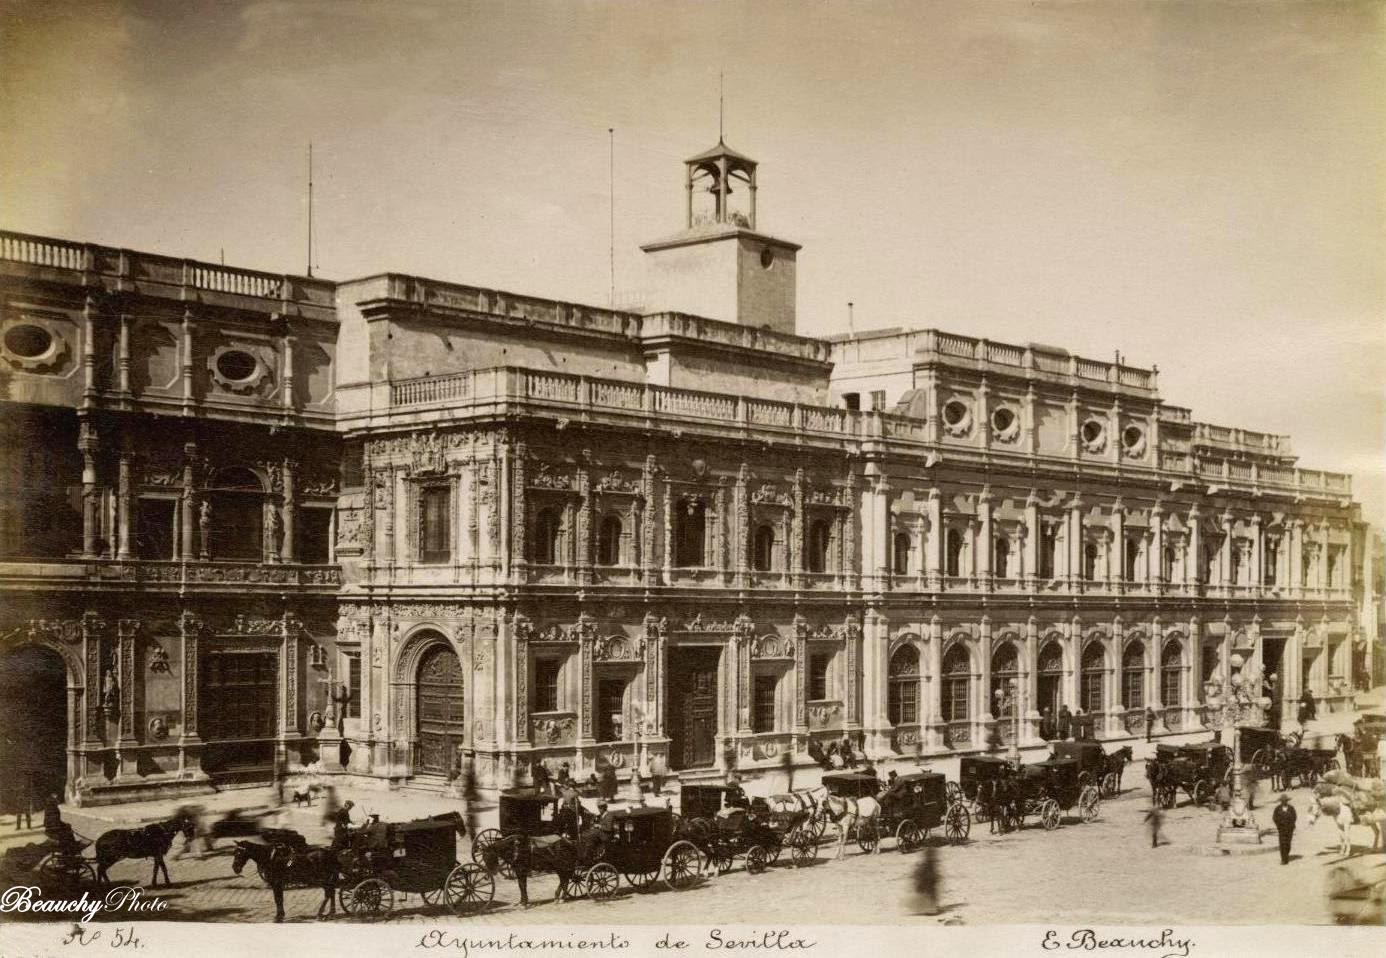 Beauchyphoto_Ayuntamiento_de_Sevilla_(3)_1890_Emilio_Beauchy_Cano_fotografias_antiguas_postales_vistas_y_monumentos